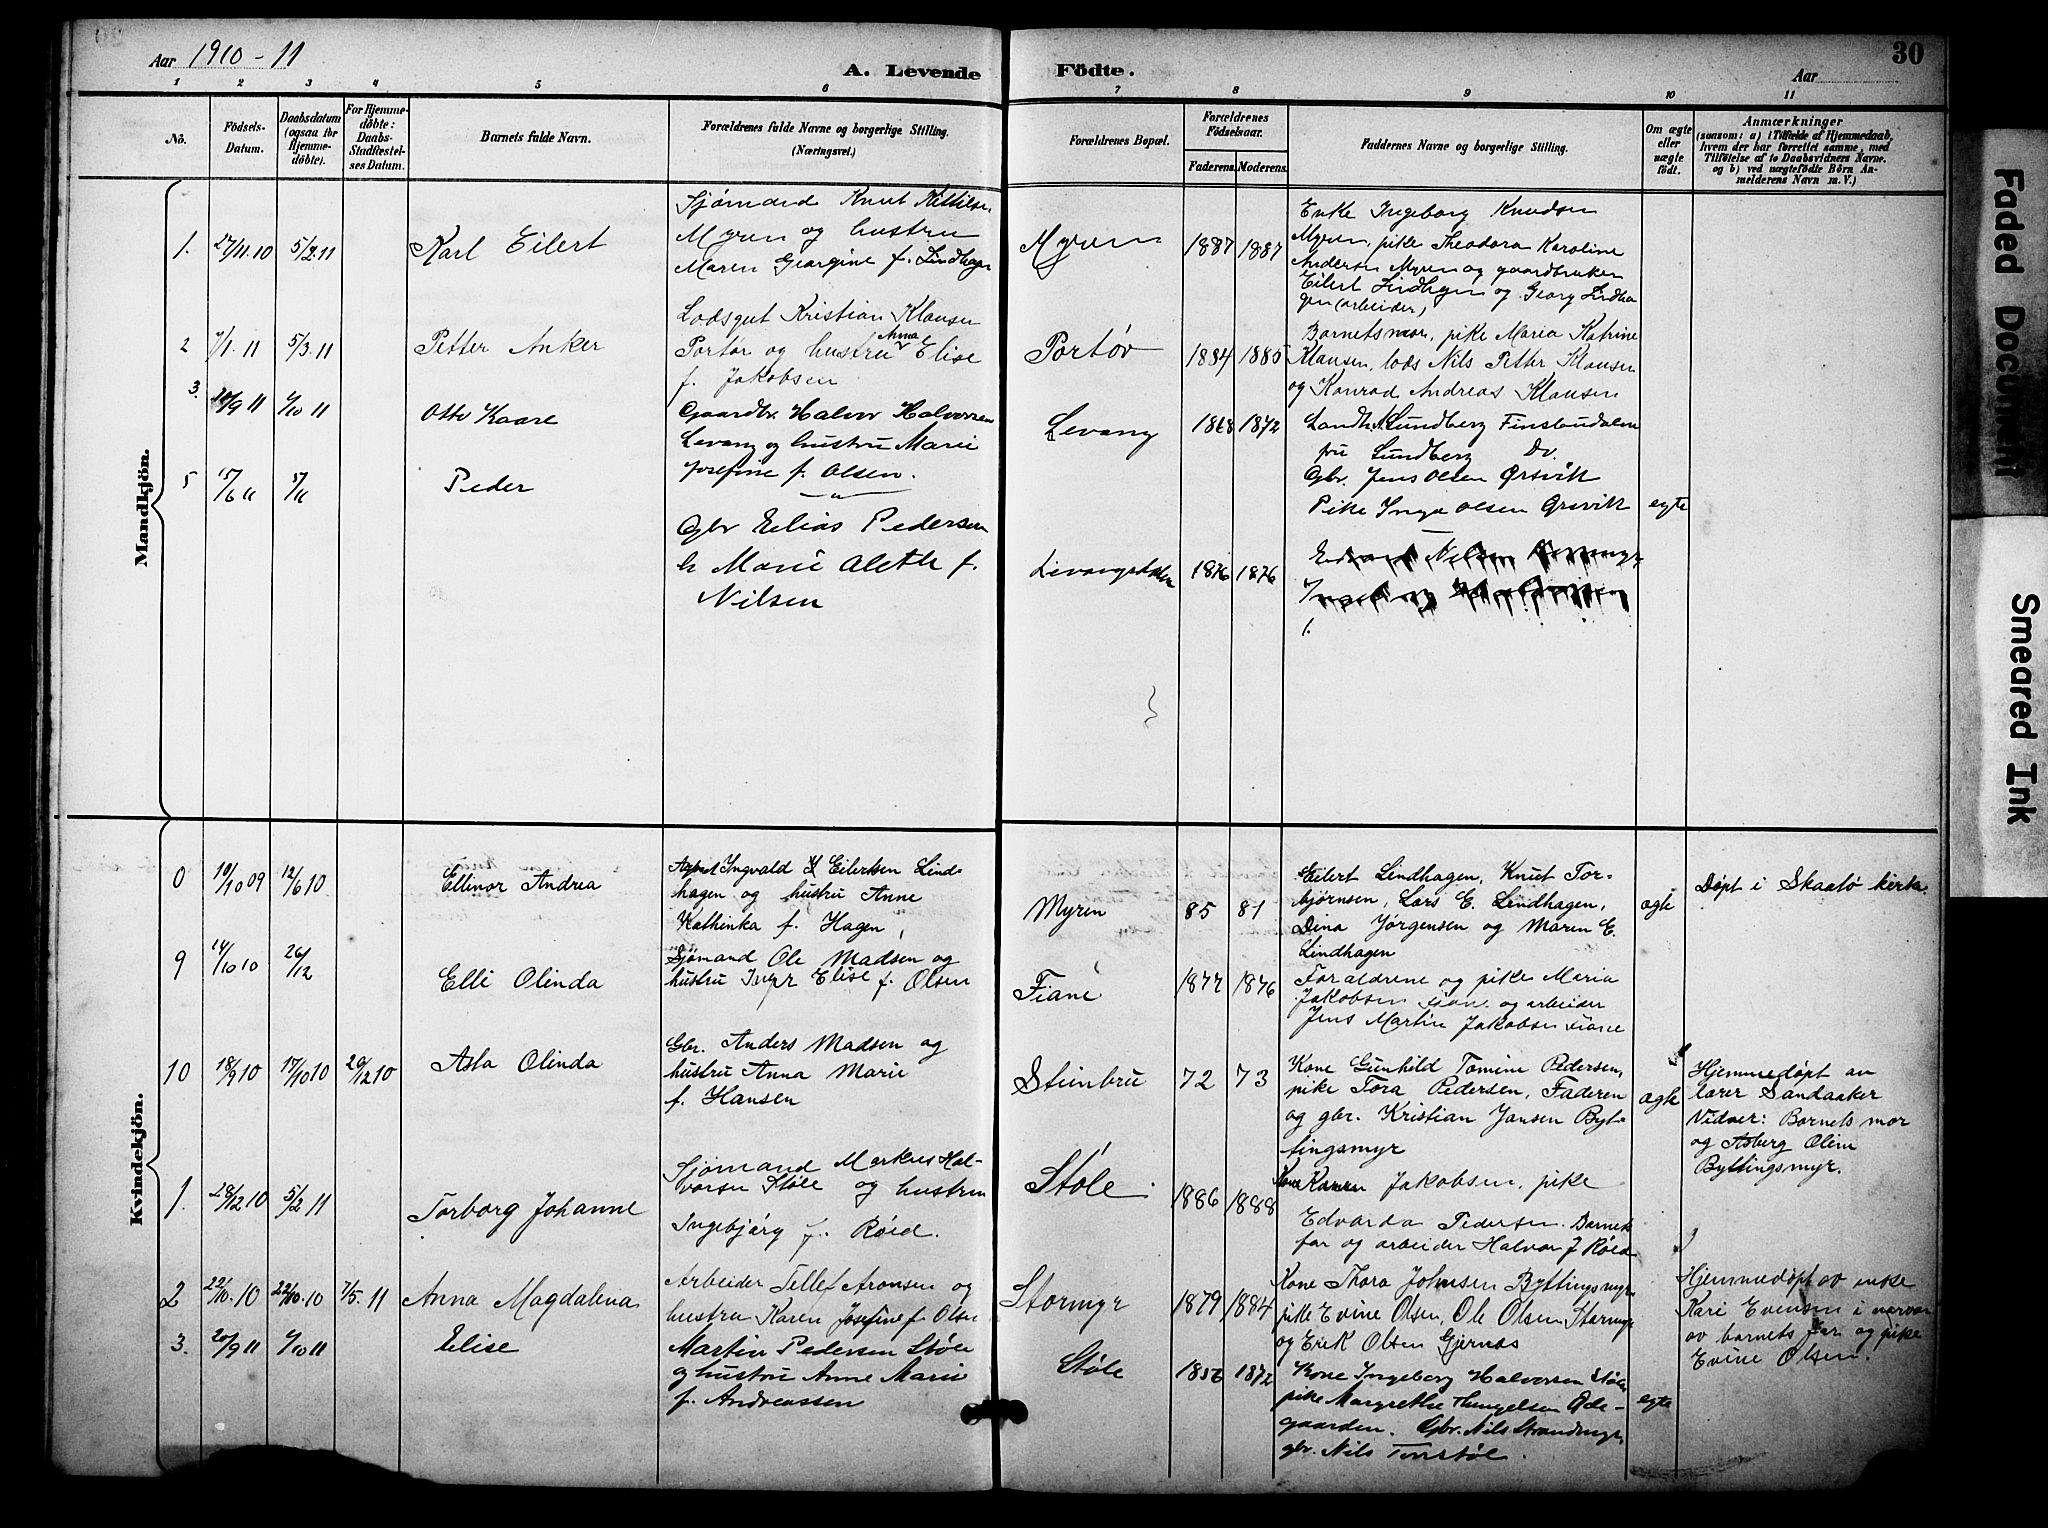 SAKO, Skåtøy kirkebøker, G/Gb/L0001: Klokkerbok nr. II 1, 1892-1916, s. 30